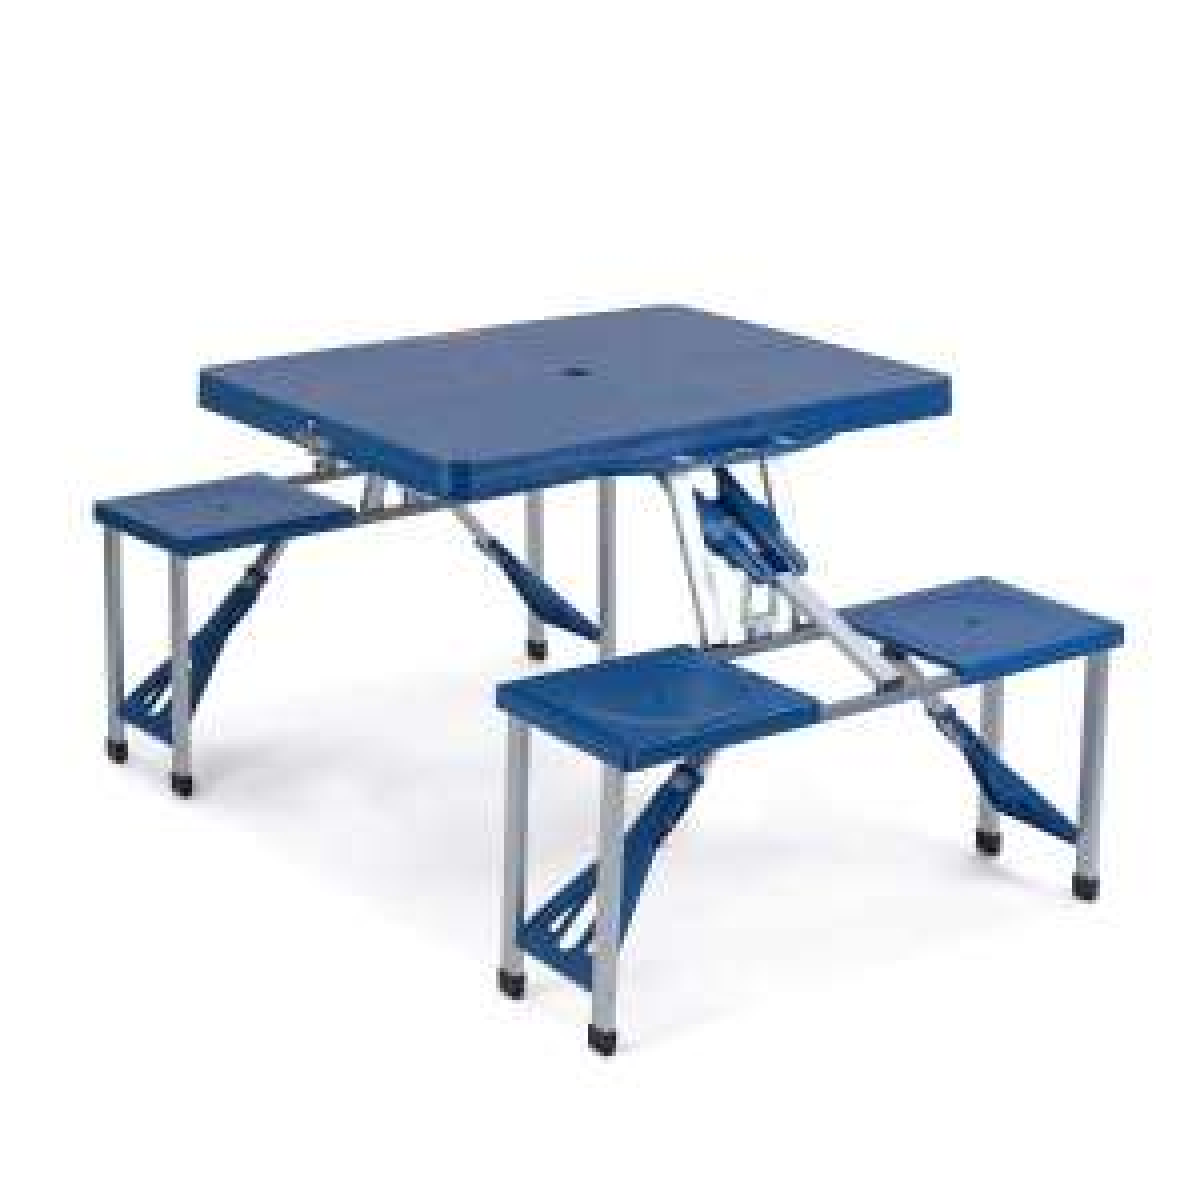 Folding Picnic Table and Stools £23.50 at Homebase (Free C&C)